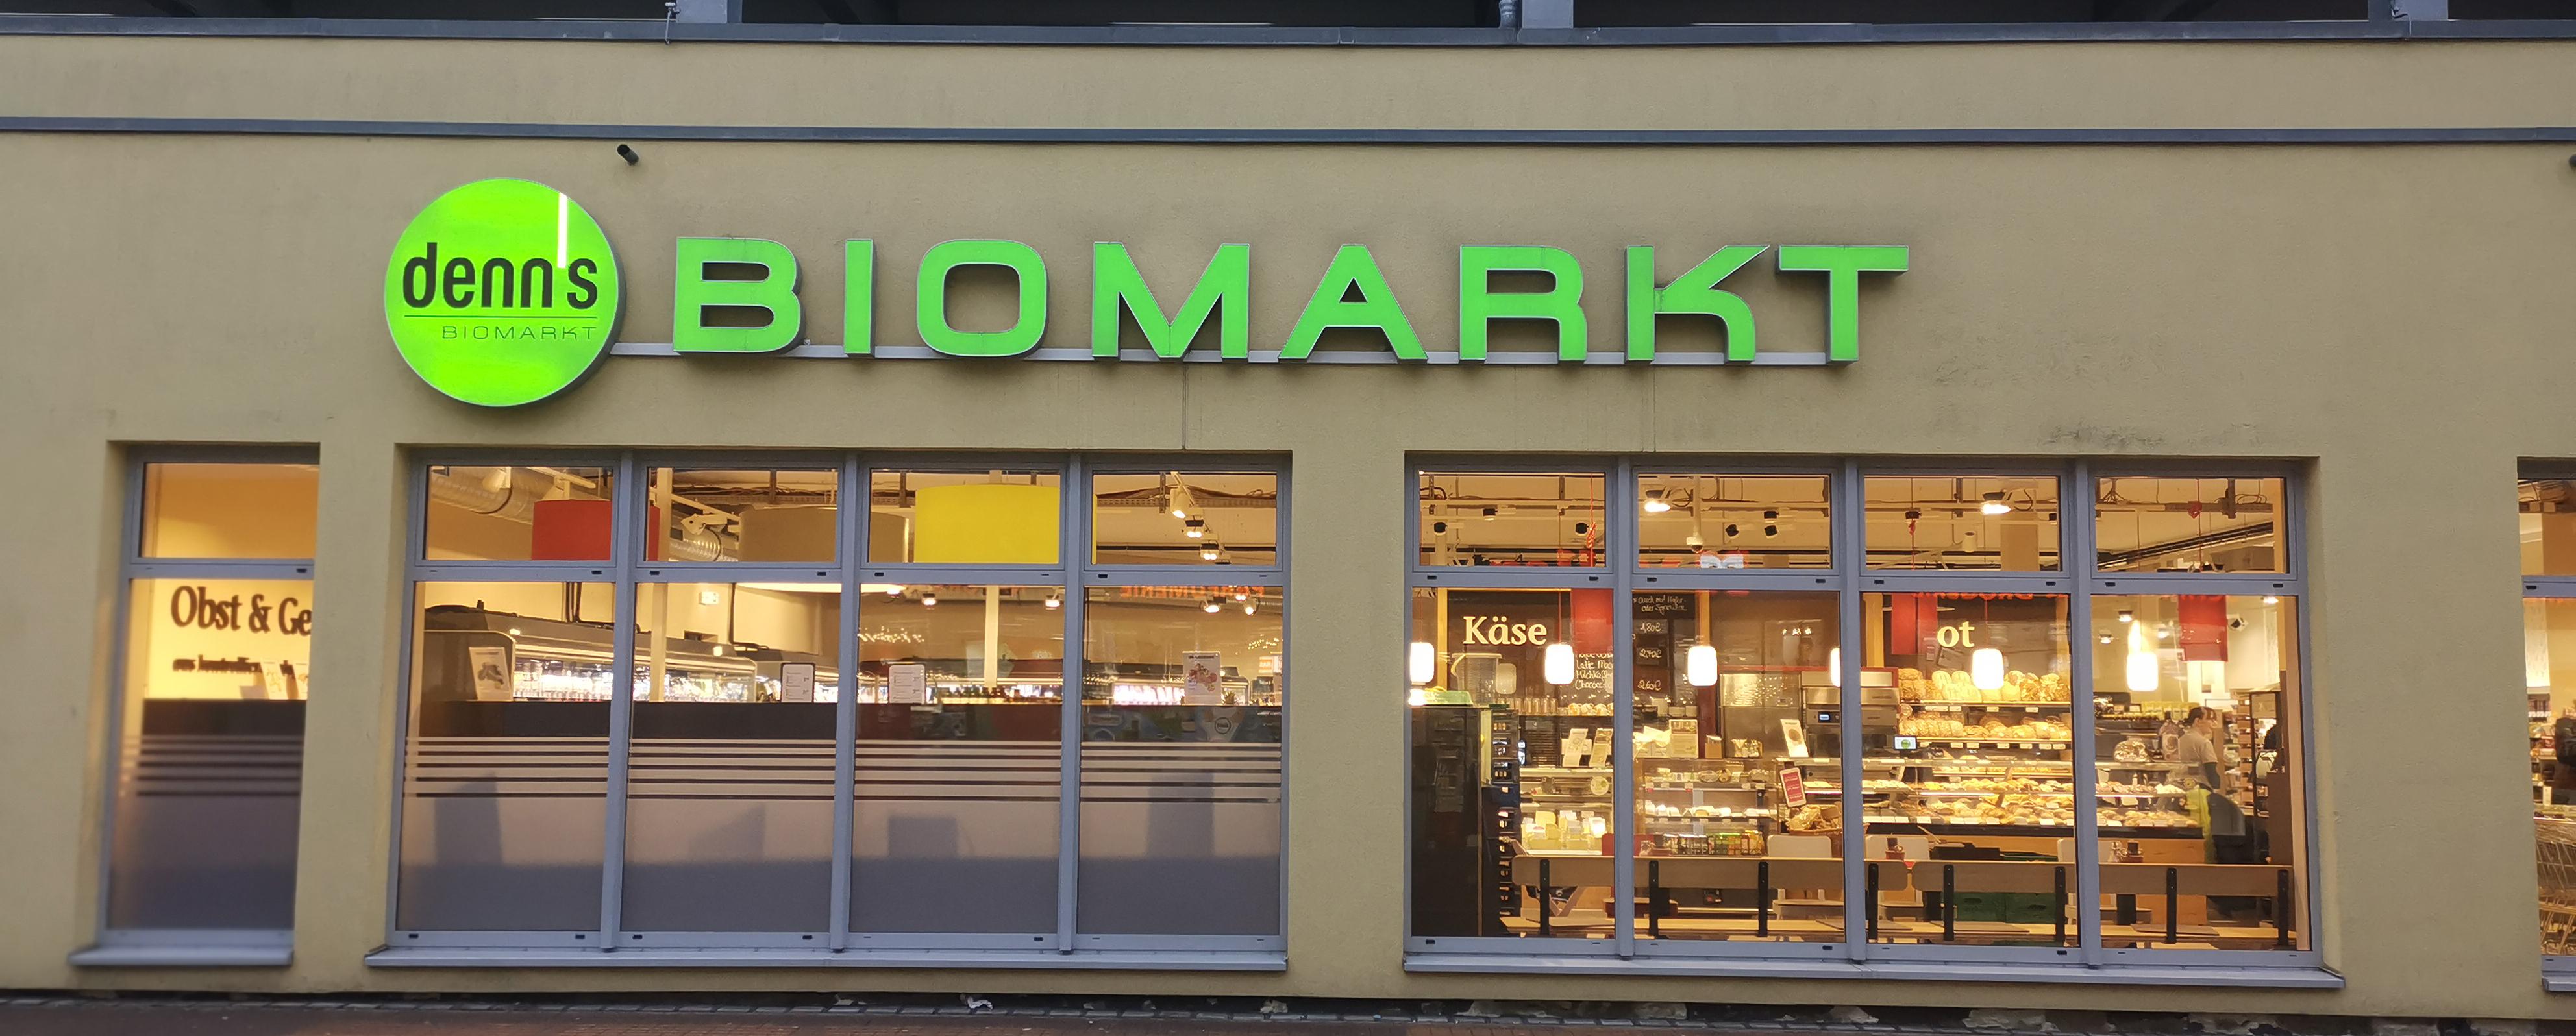 Denns-biomarkt-titelbild